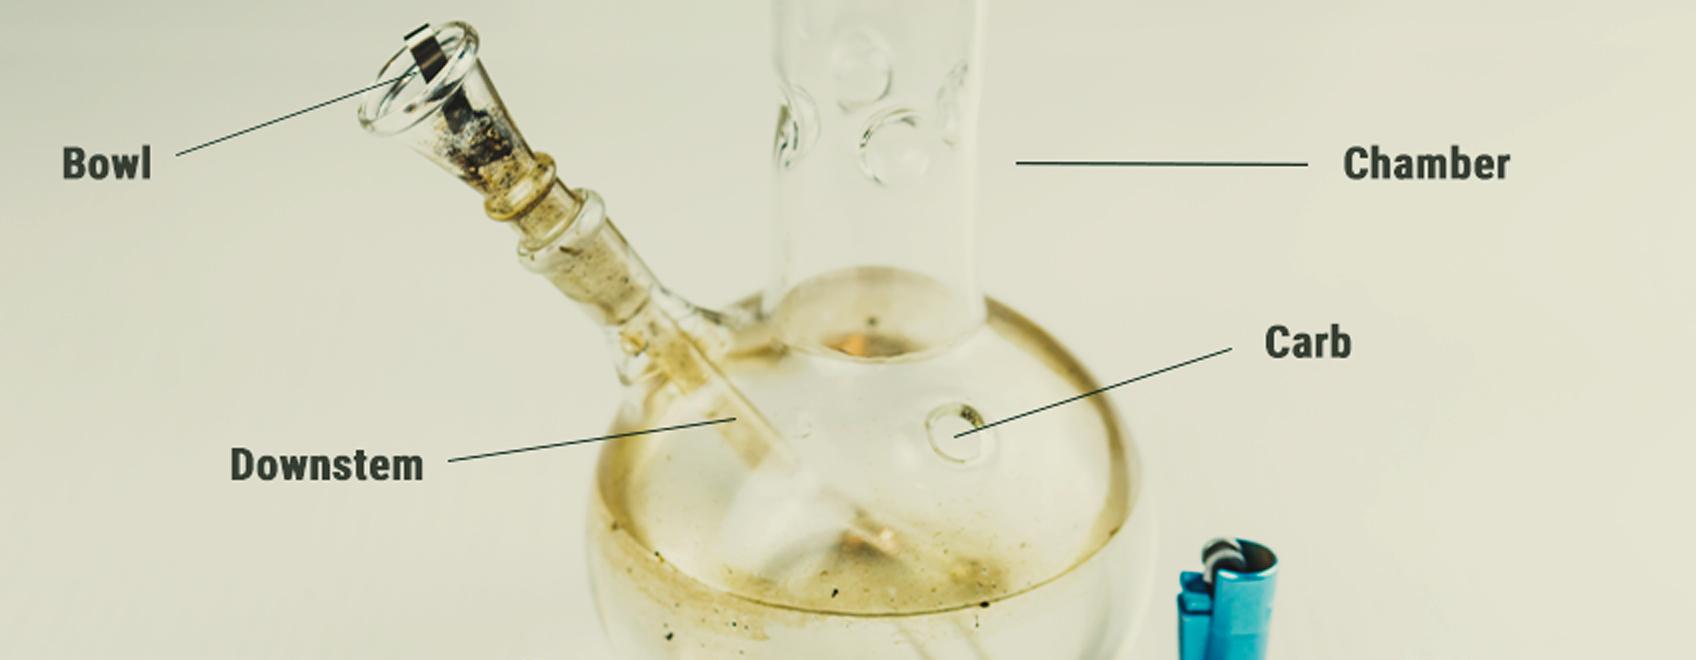 Hoe Filtert het Water in een Waterpijp de Rook?